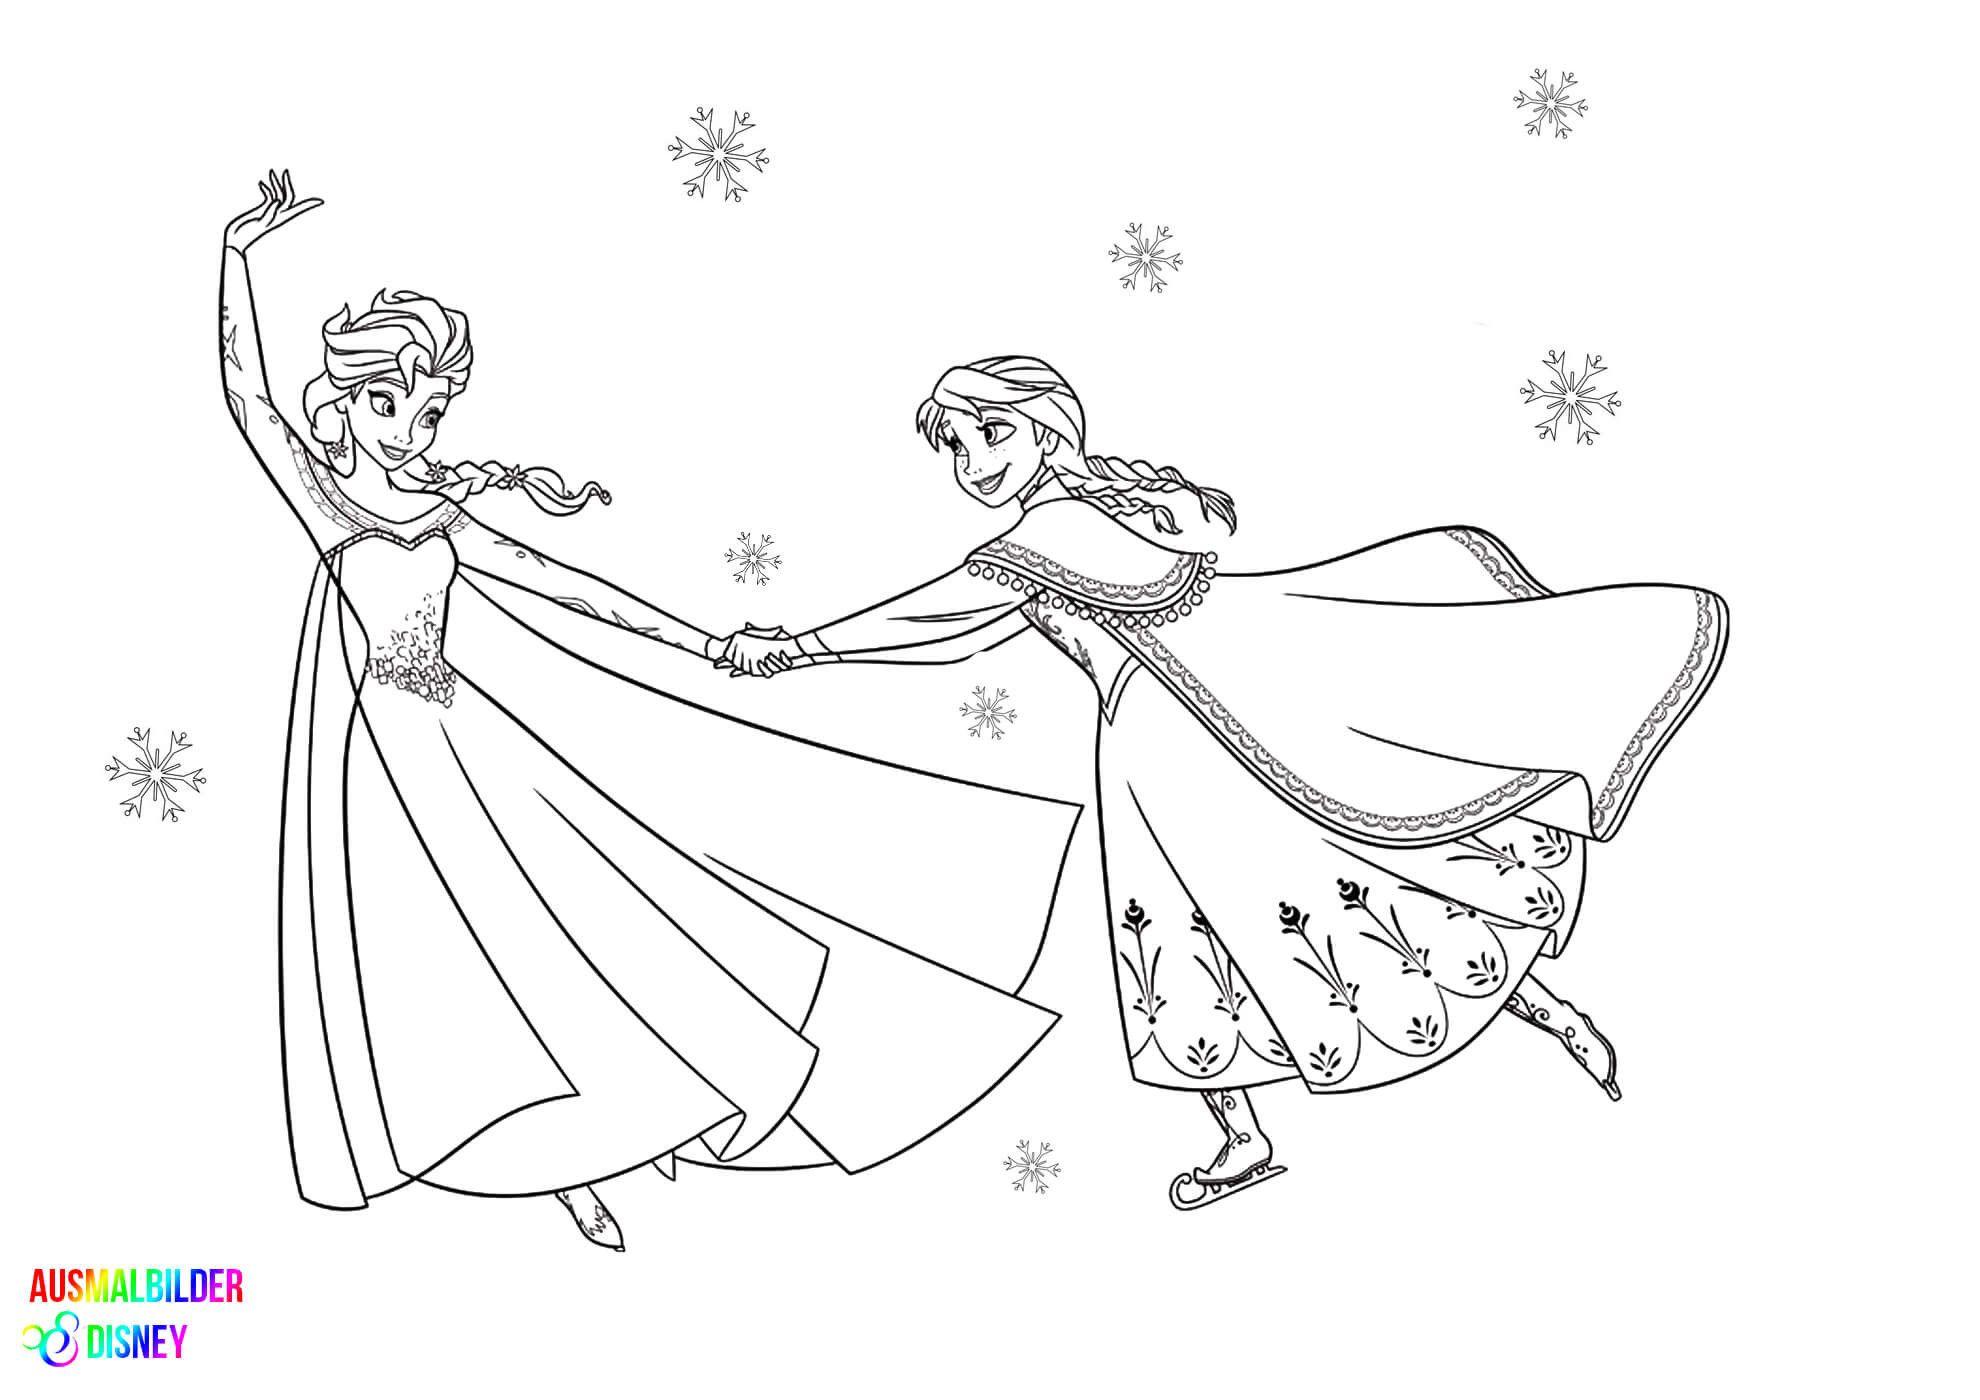 Malvorlagen Frozen Ausmalbilder Anna Und Elsa Elsa Ausmalbild Ausmalbilder